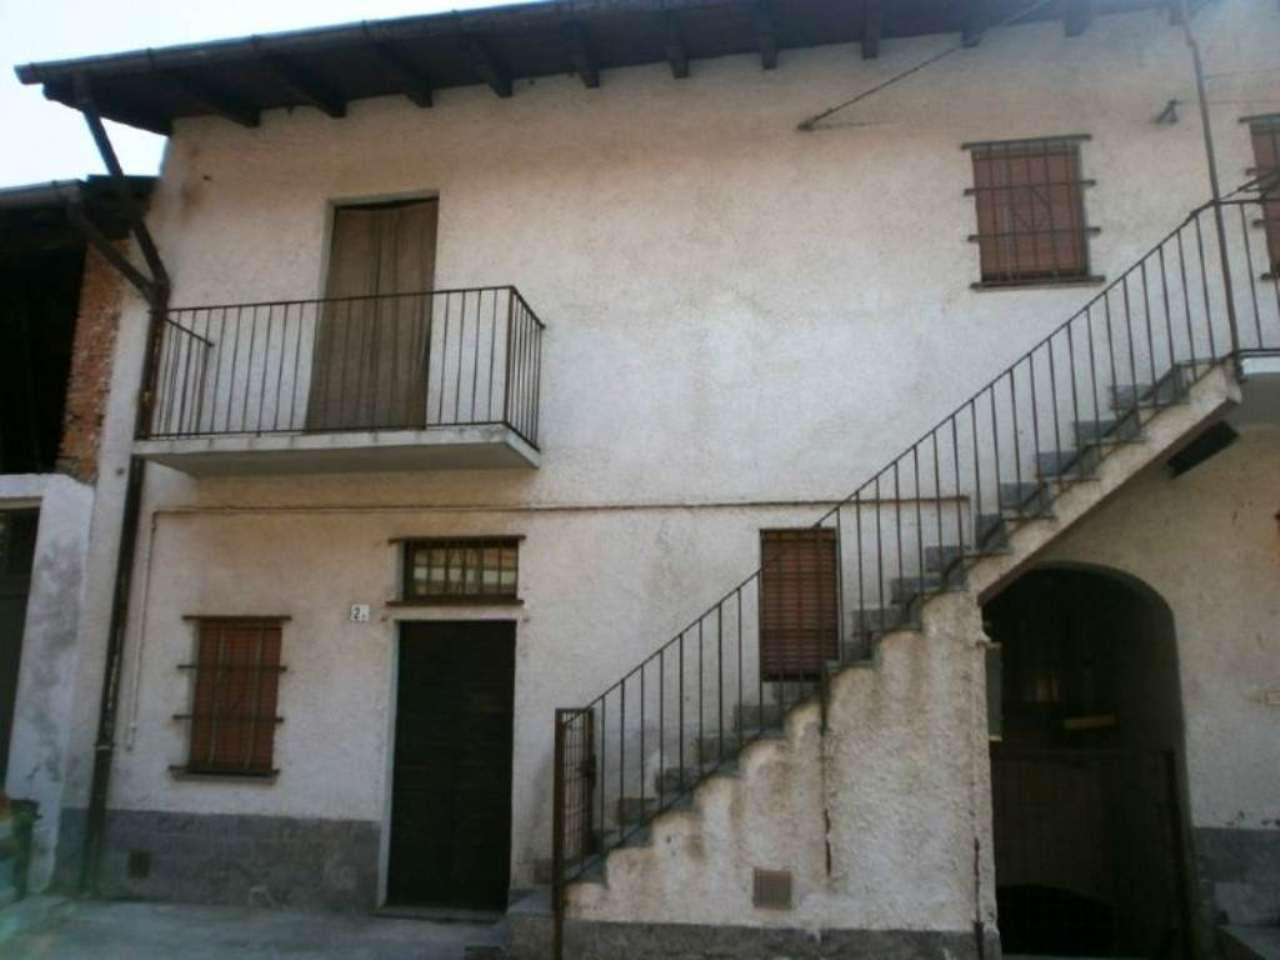 Soluzione Semindipendente in vendita a Solbiate Arno, 4 locali, prezzo € 89.000 | Cambio Casa.it